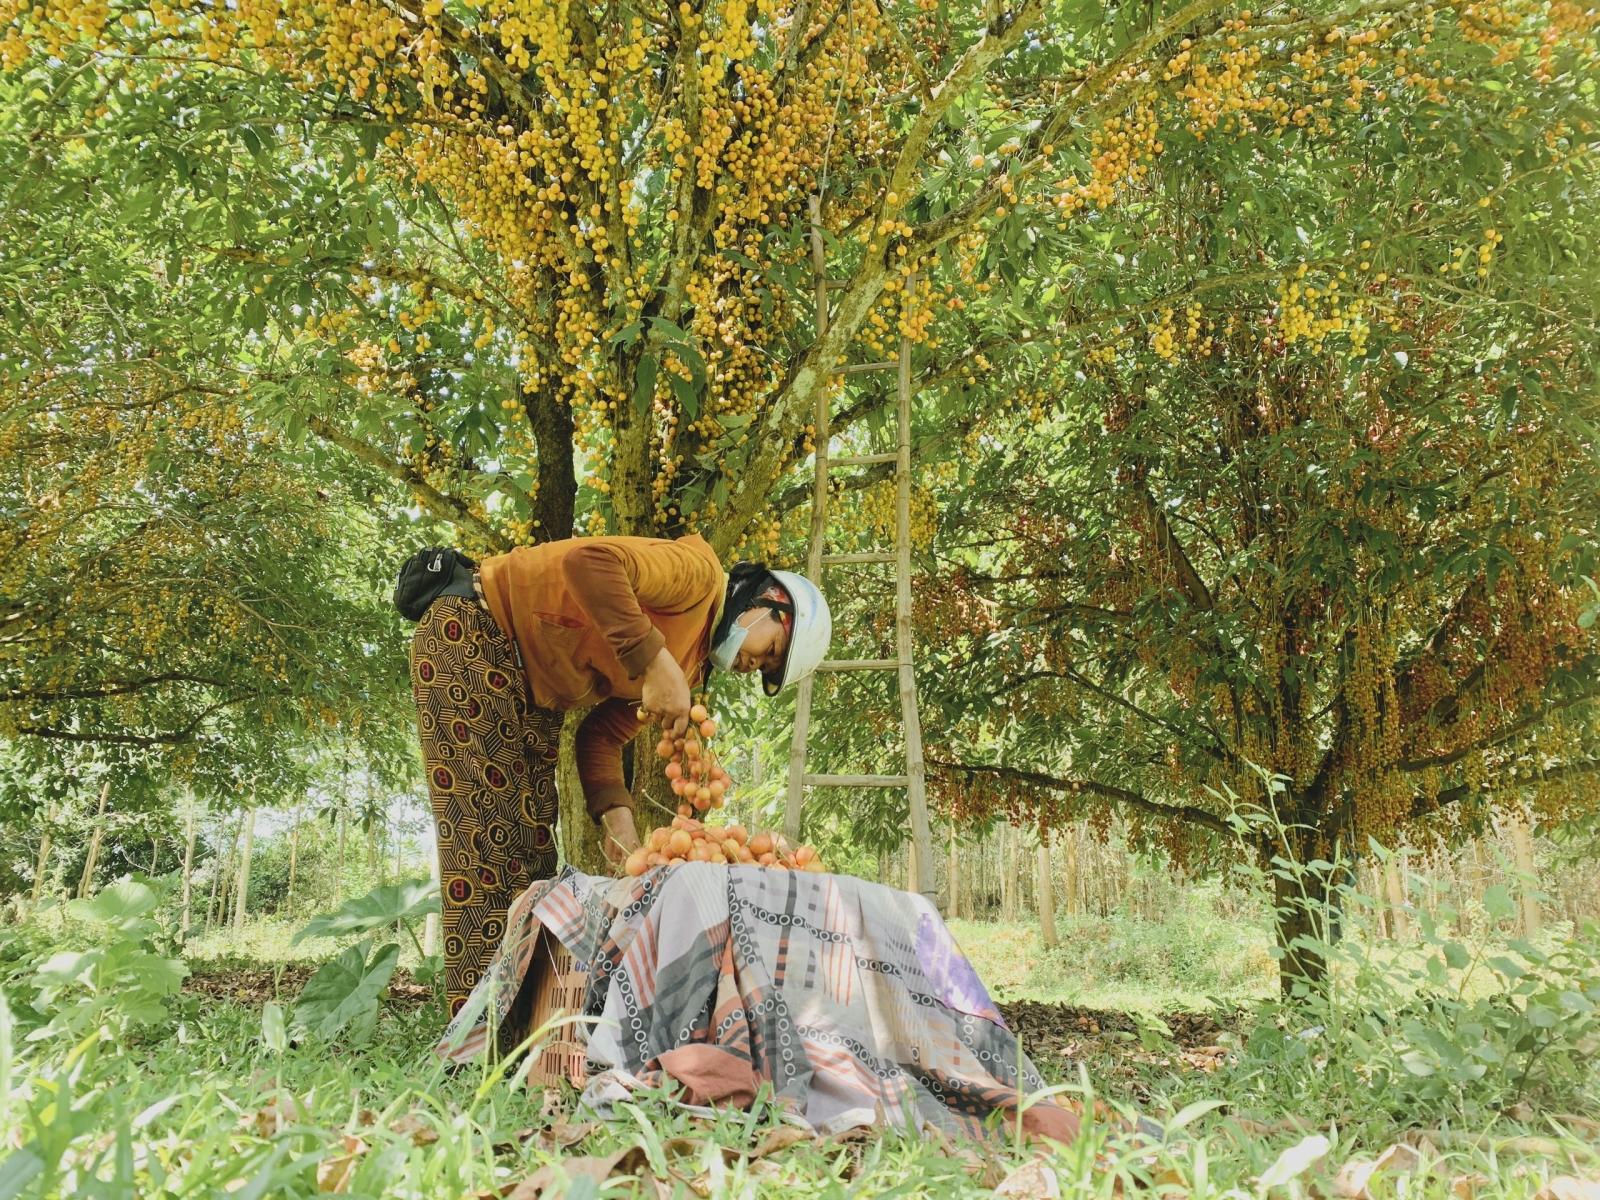 Hà Tĩnh: Loại quả mọc chi chít từ gốc đến ngọn, thương lái phải đến tận vườn đặt mua? - Ảnh 11.